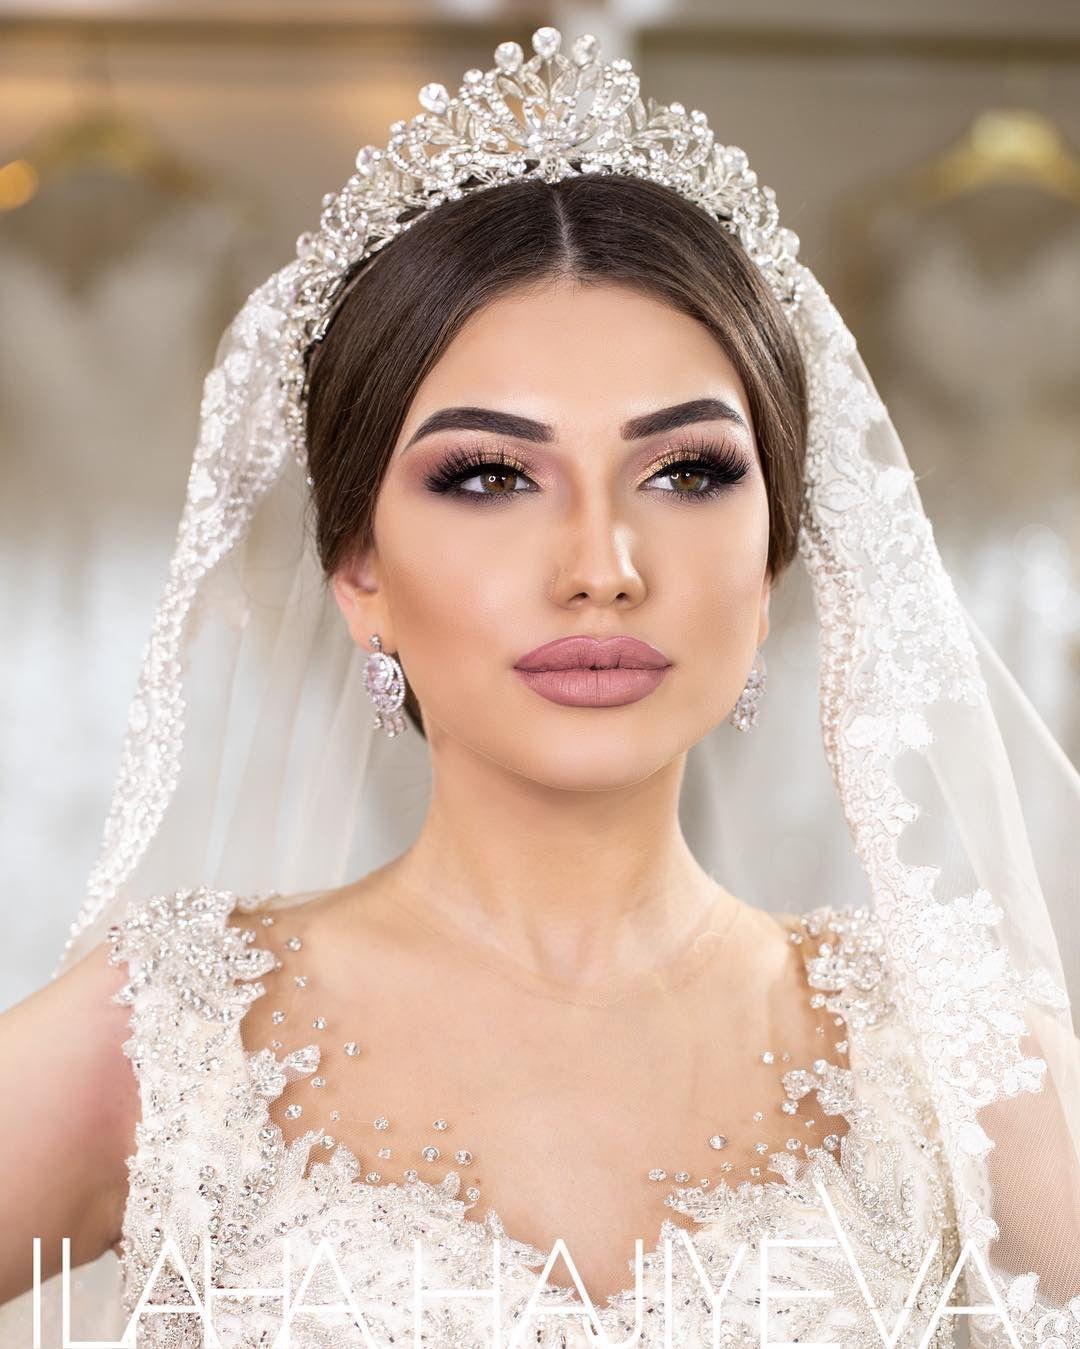 maquiagem de casamento in 2020 Wedding tiara veil